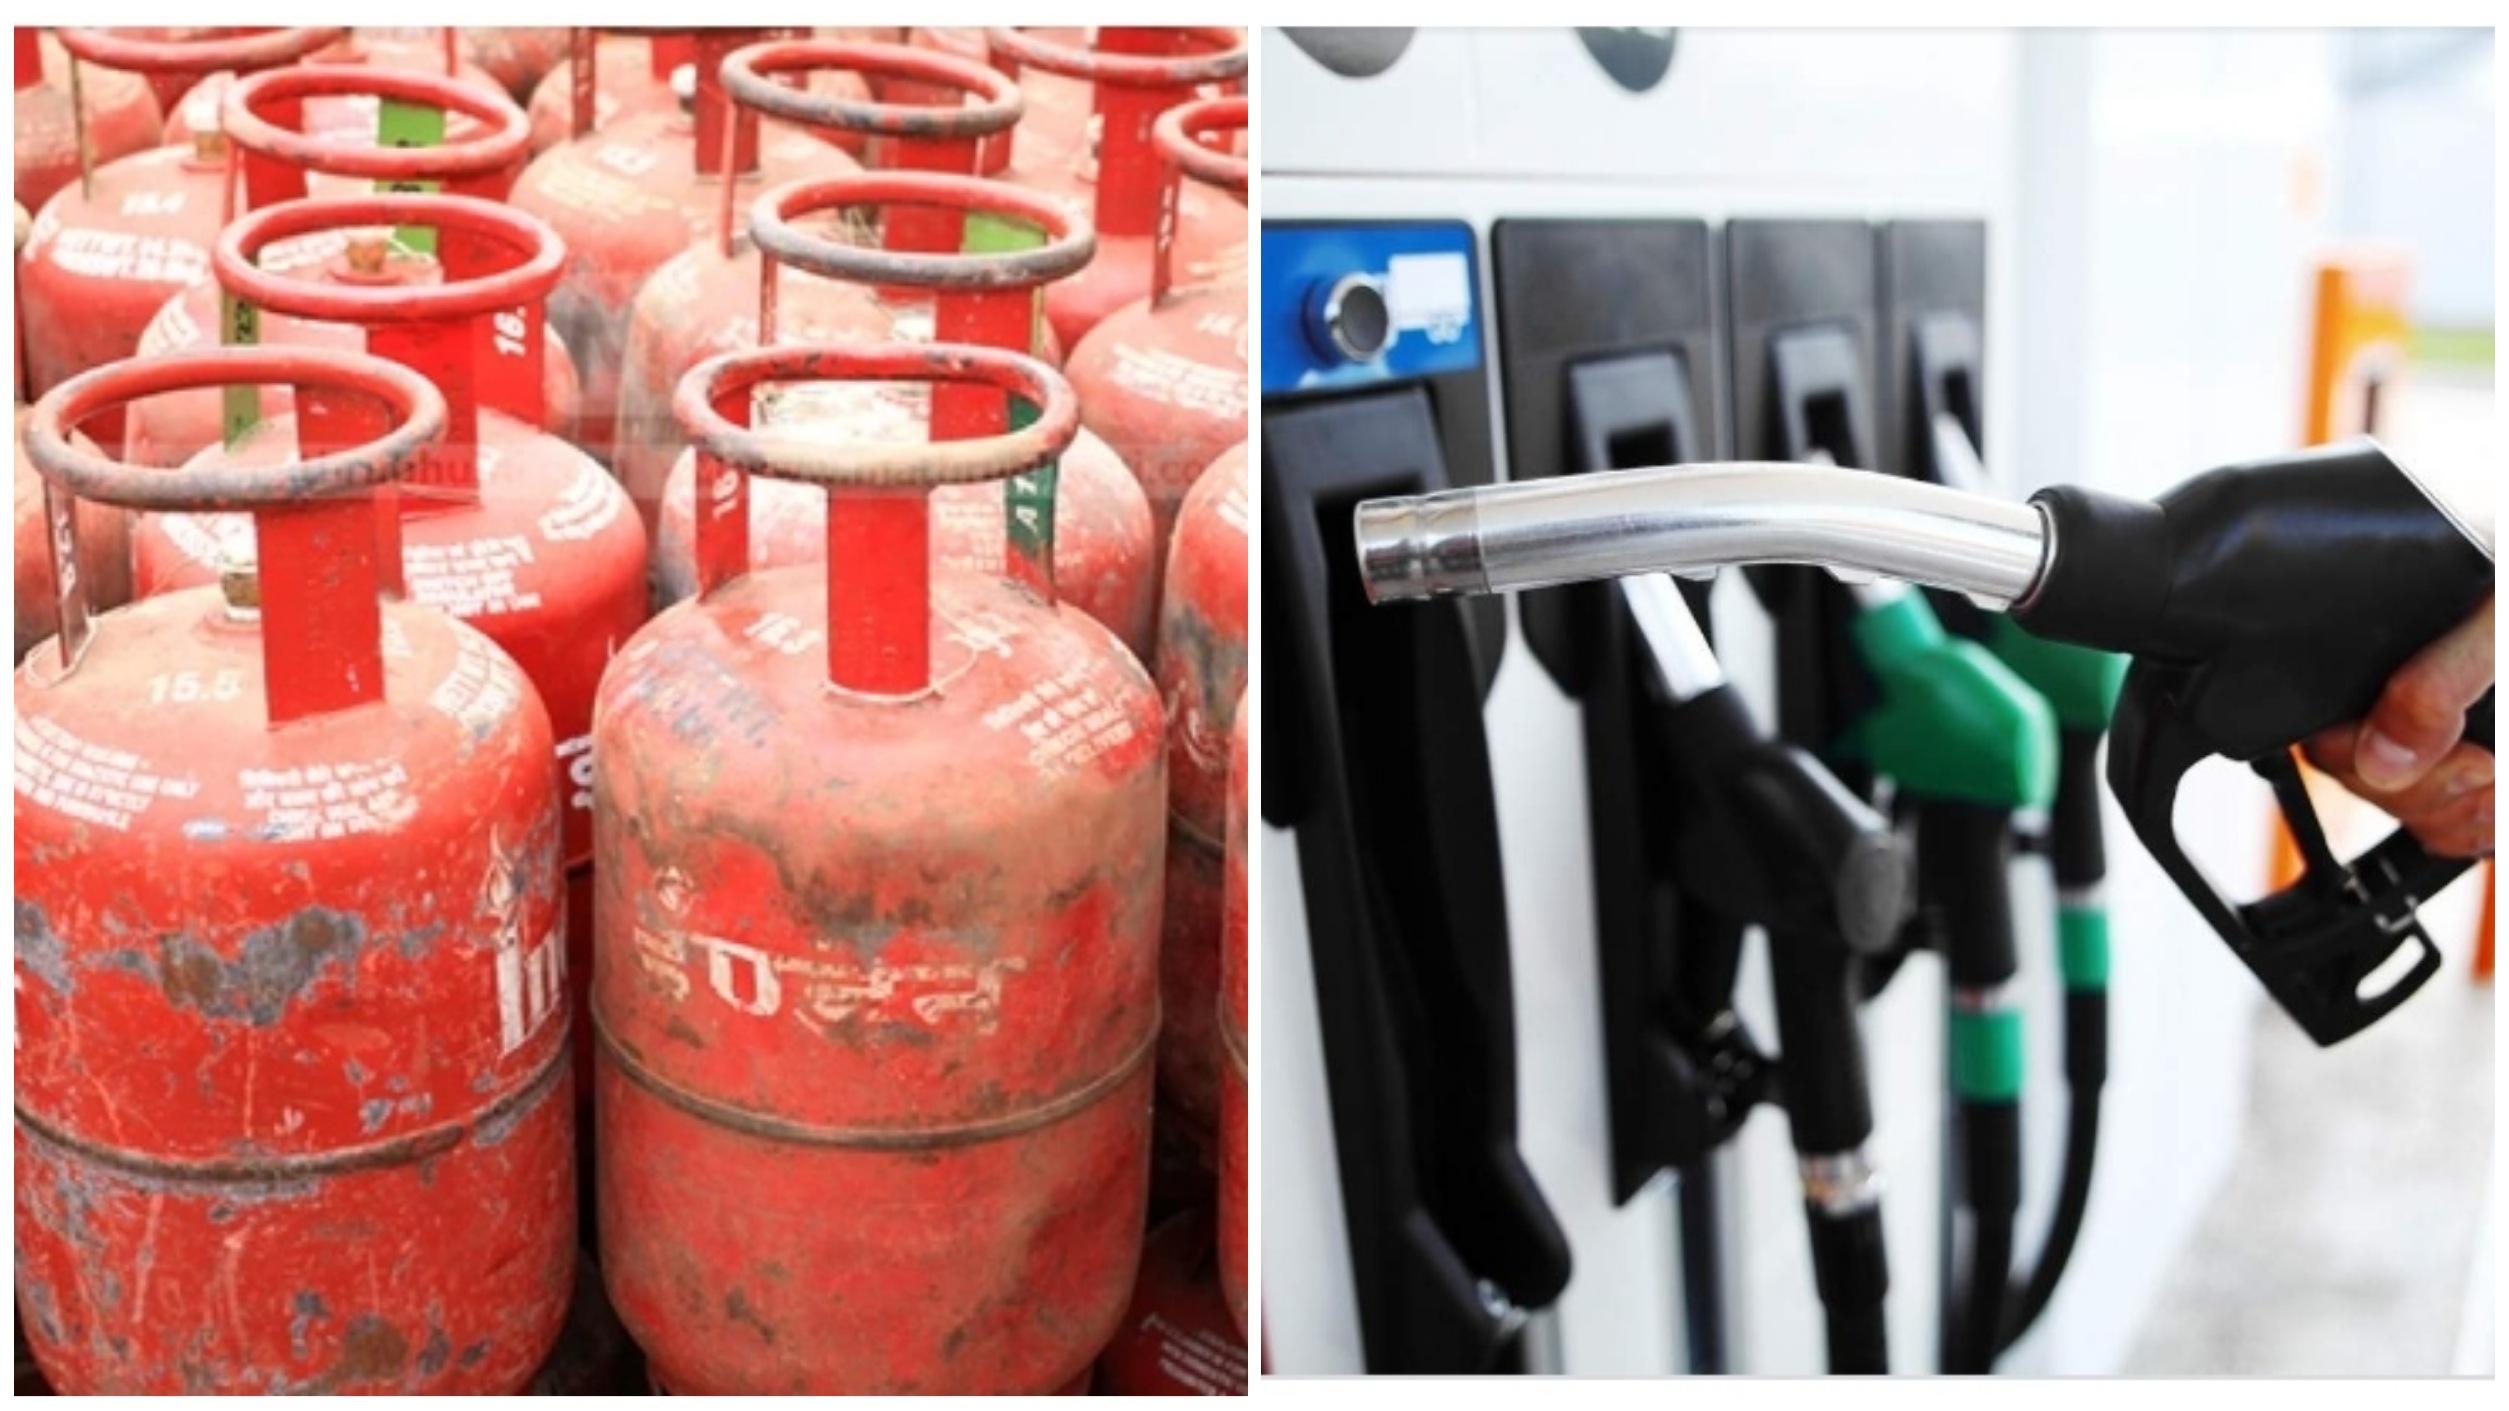 खाना पकाउने ग्यास, पेट्रोल, डिजेल, मट्टितेल र हवाई इन्धनको मूल्य बढ्यो